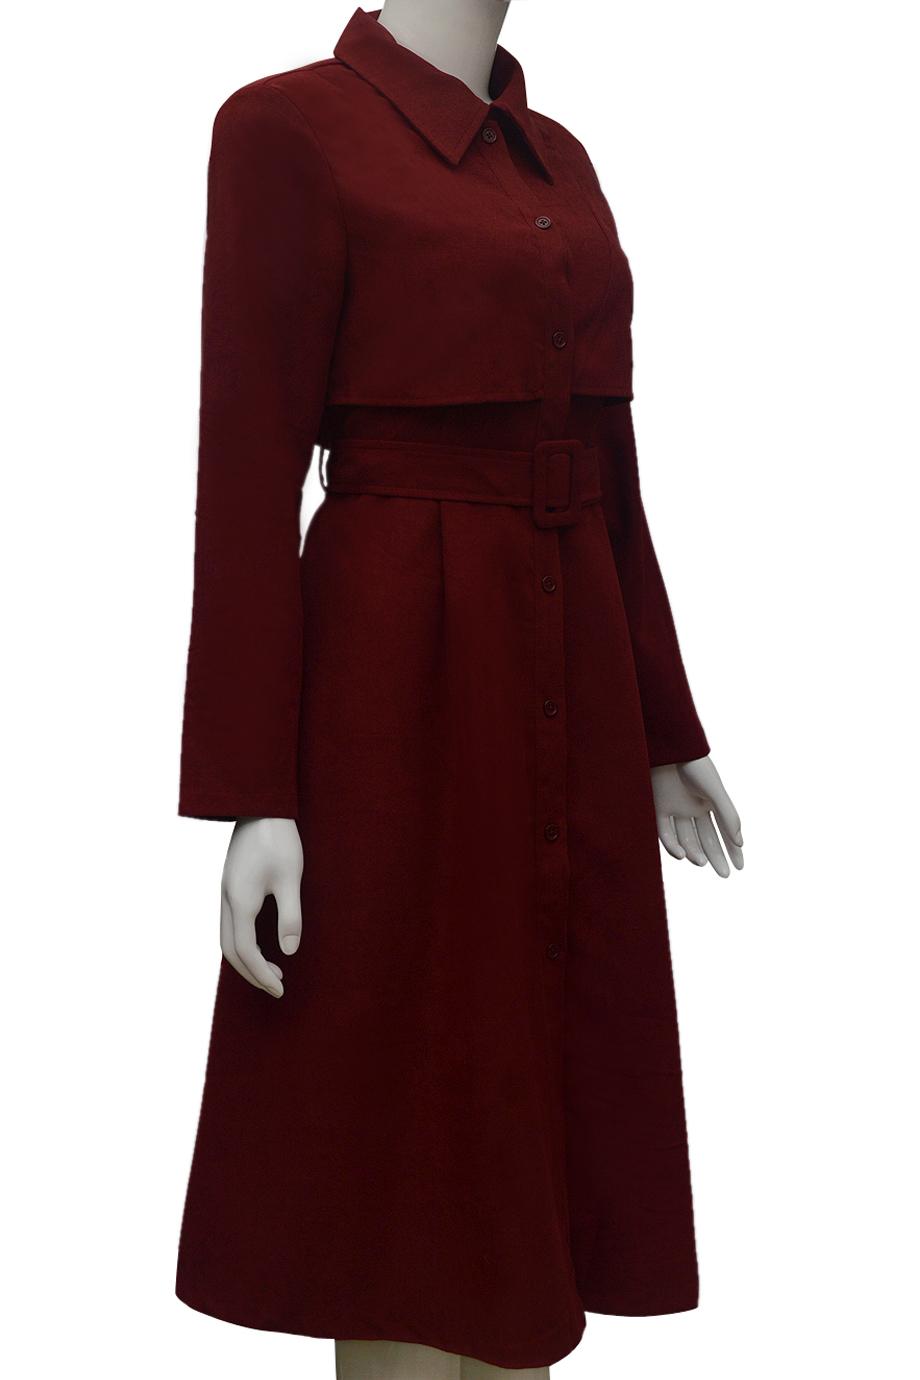 Váy choàng dài nhung ELMI thời trang cao cấp màu đỏ đô EV52